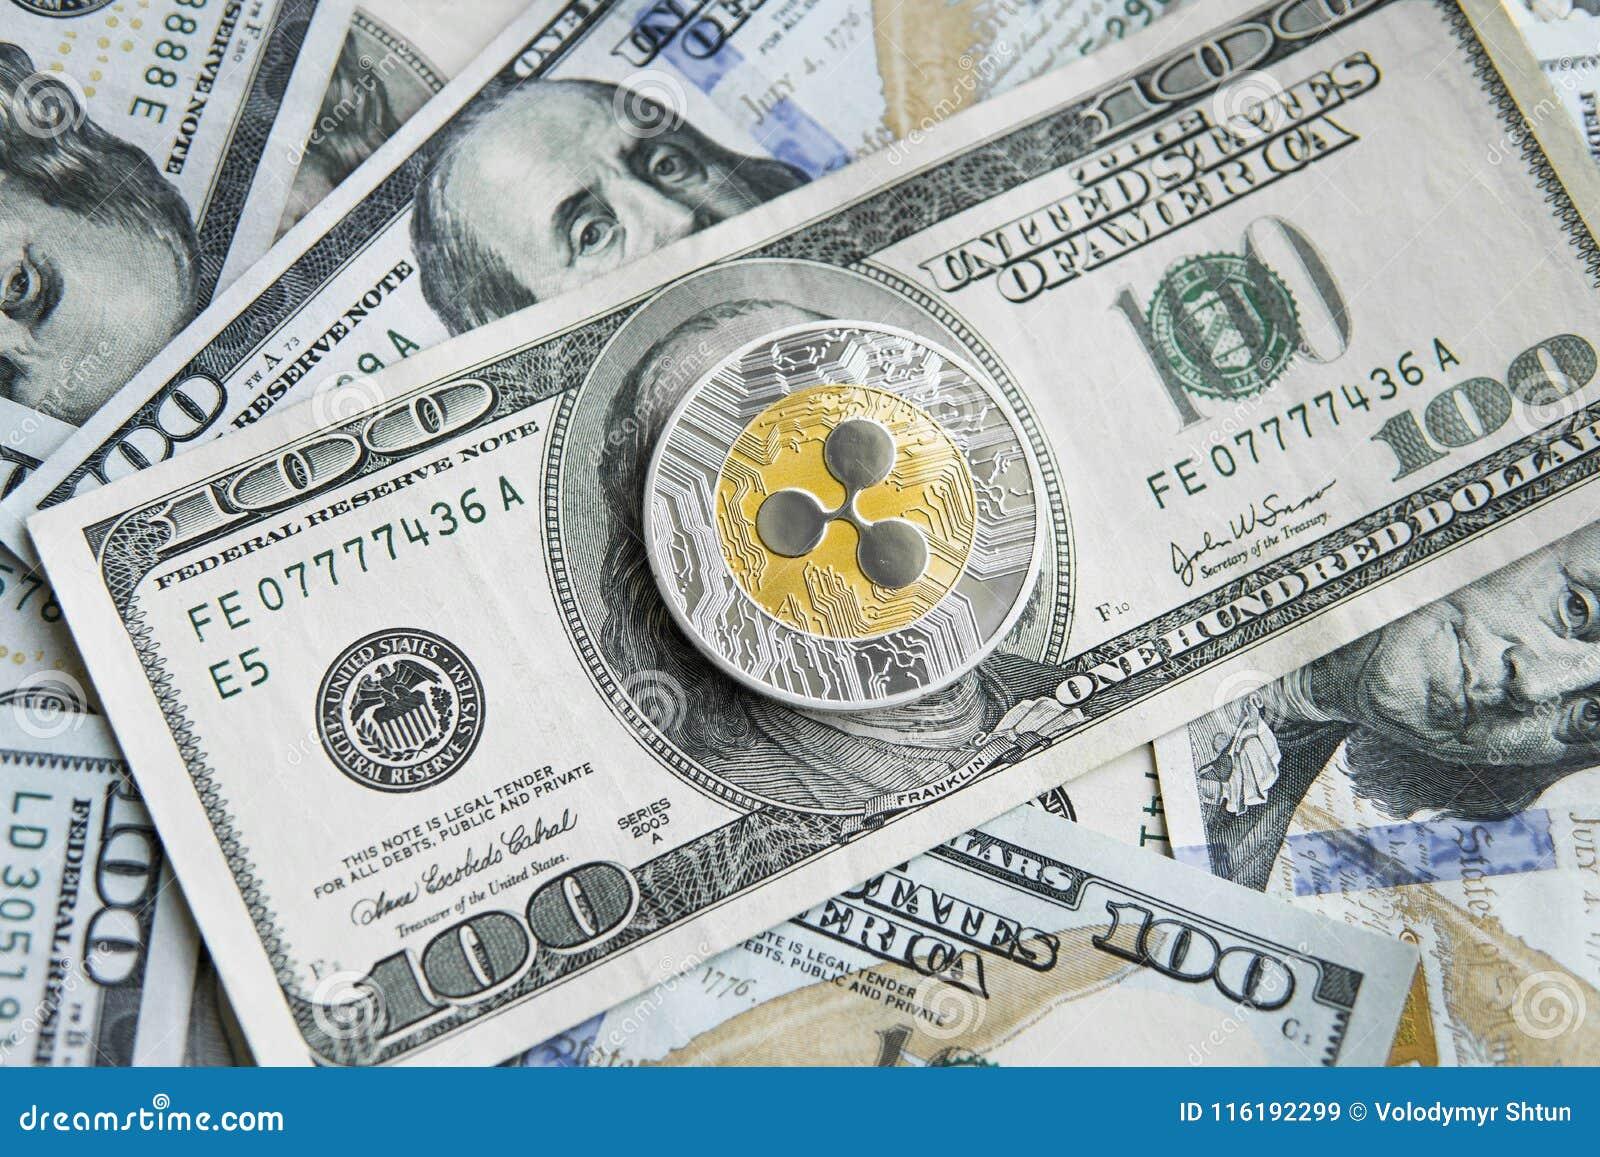 global digital currency exchange